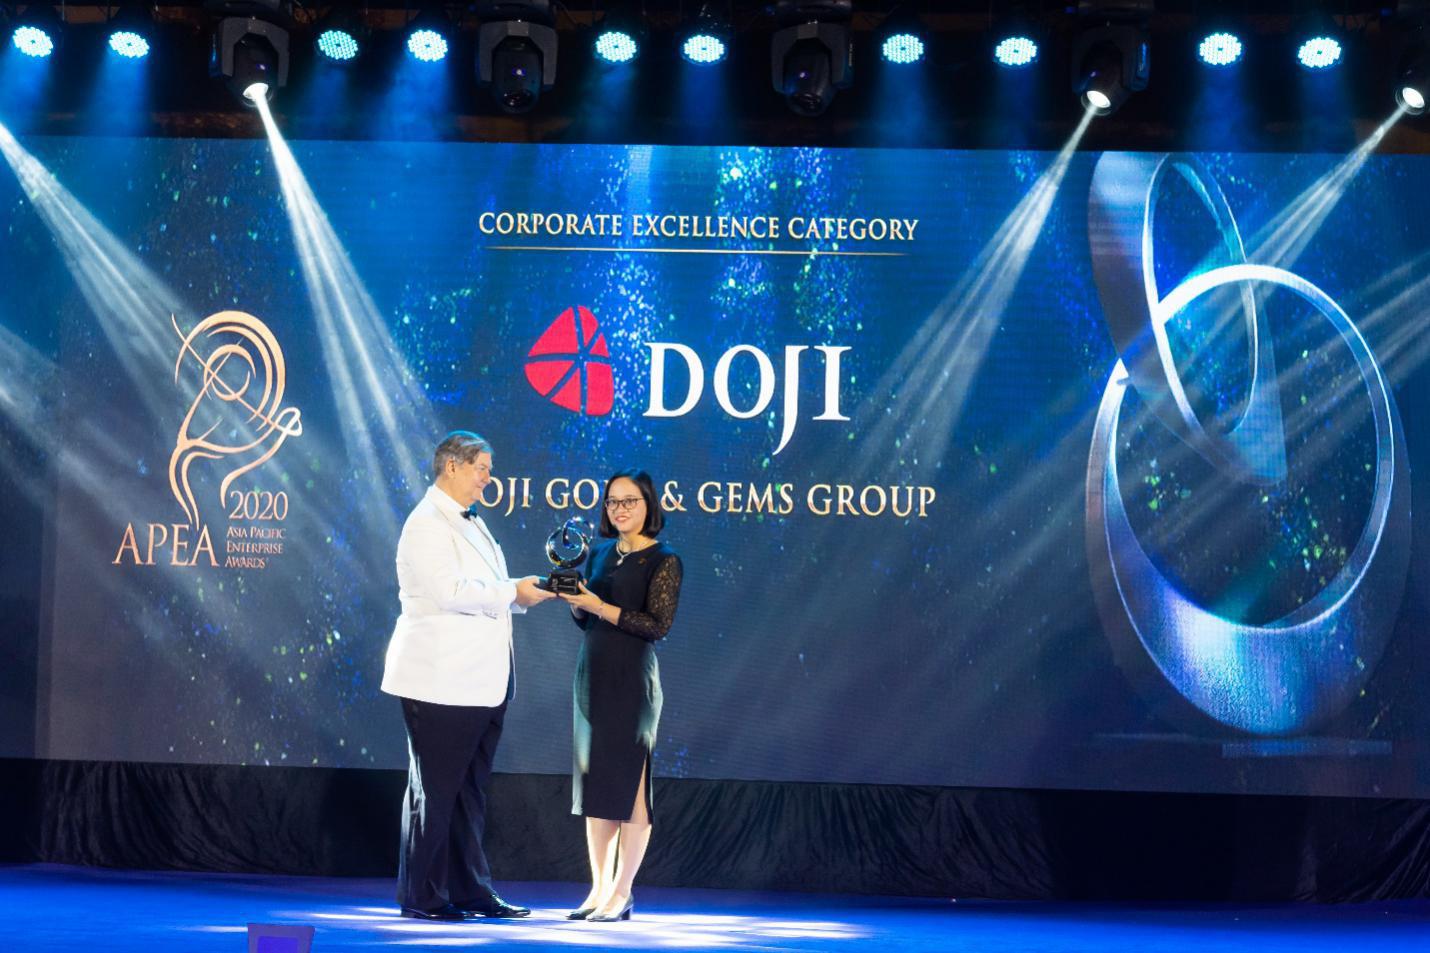 Enterprise Asia vinh danh DOJI là Doanh nghiệp Bán lẻ xuất sắc châu Á - Ảnh 1.